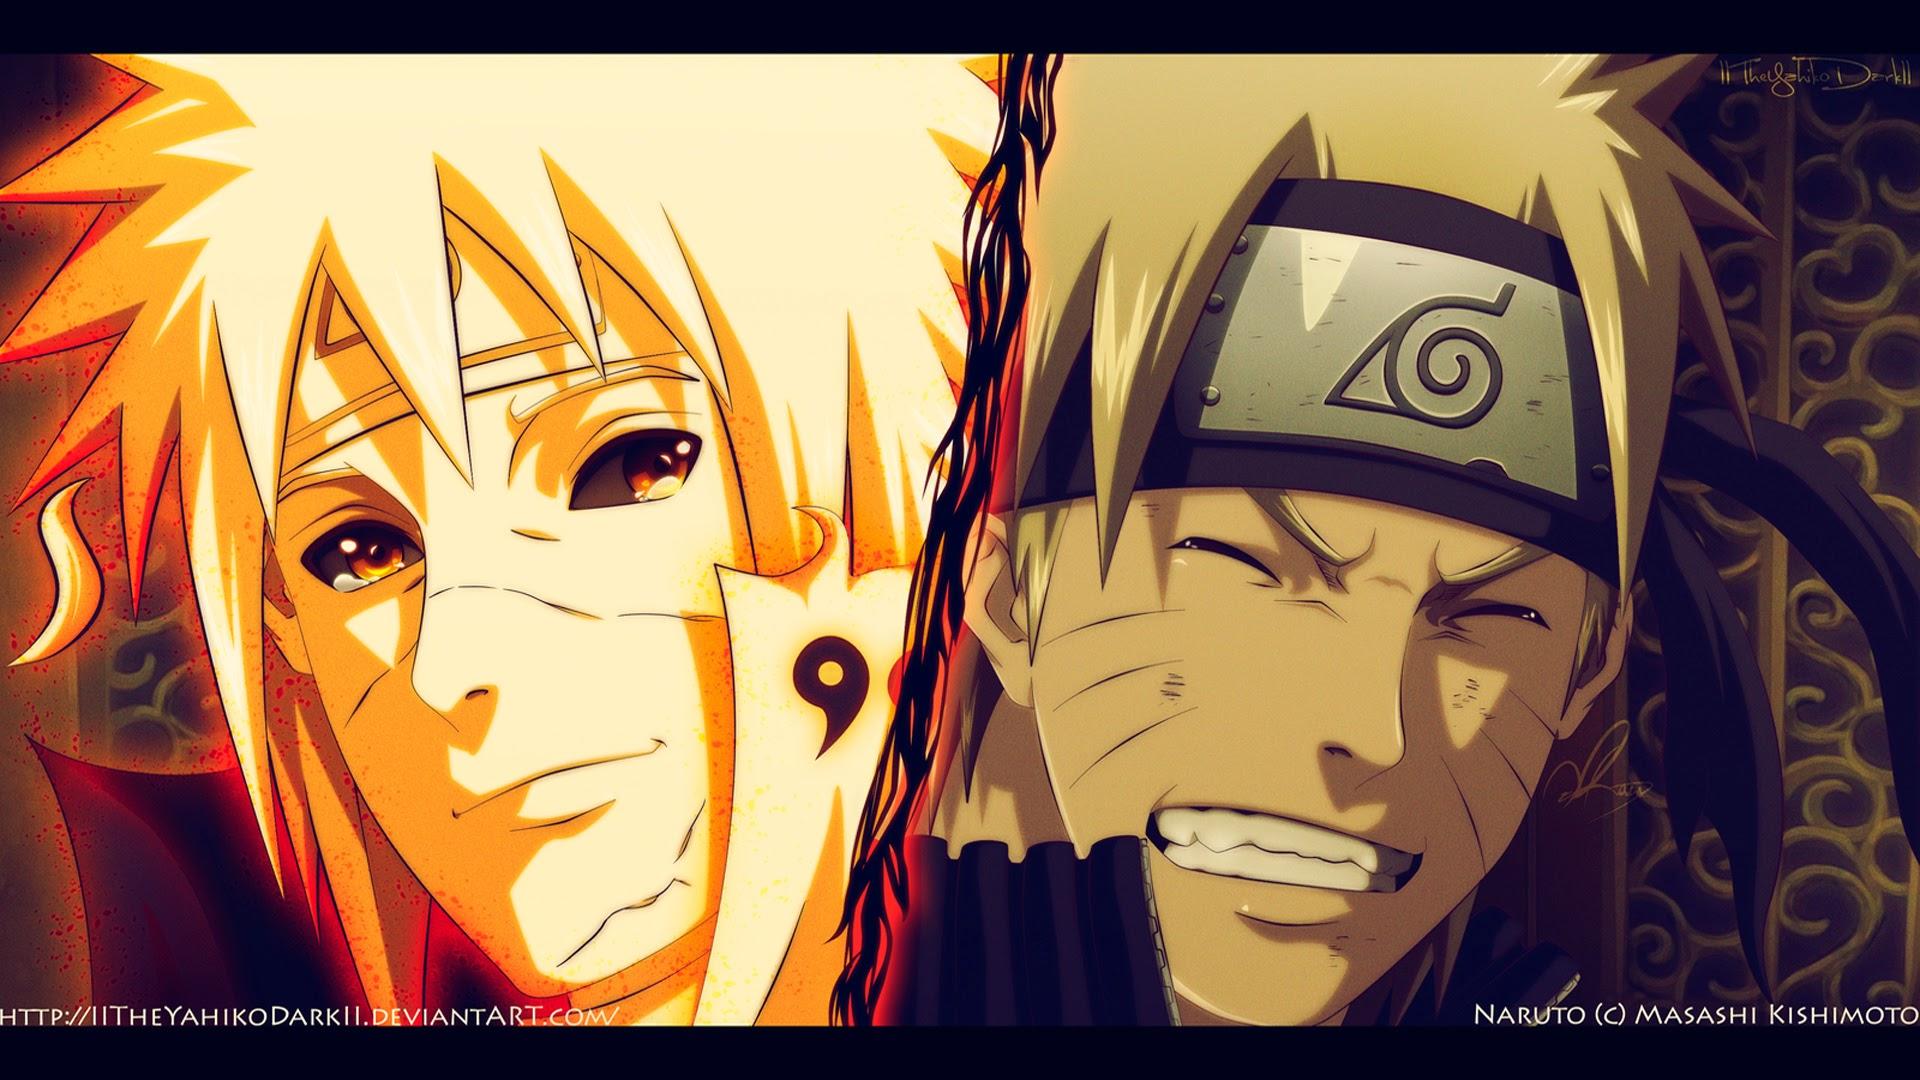 Top Wallpaper Naruto Yellow - naruto-minato-hd-wallpaper-iitheyahikodarkii-1920x1080  HD.jpg